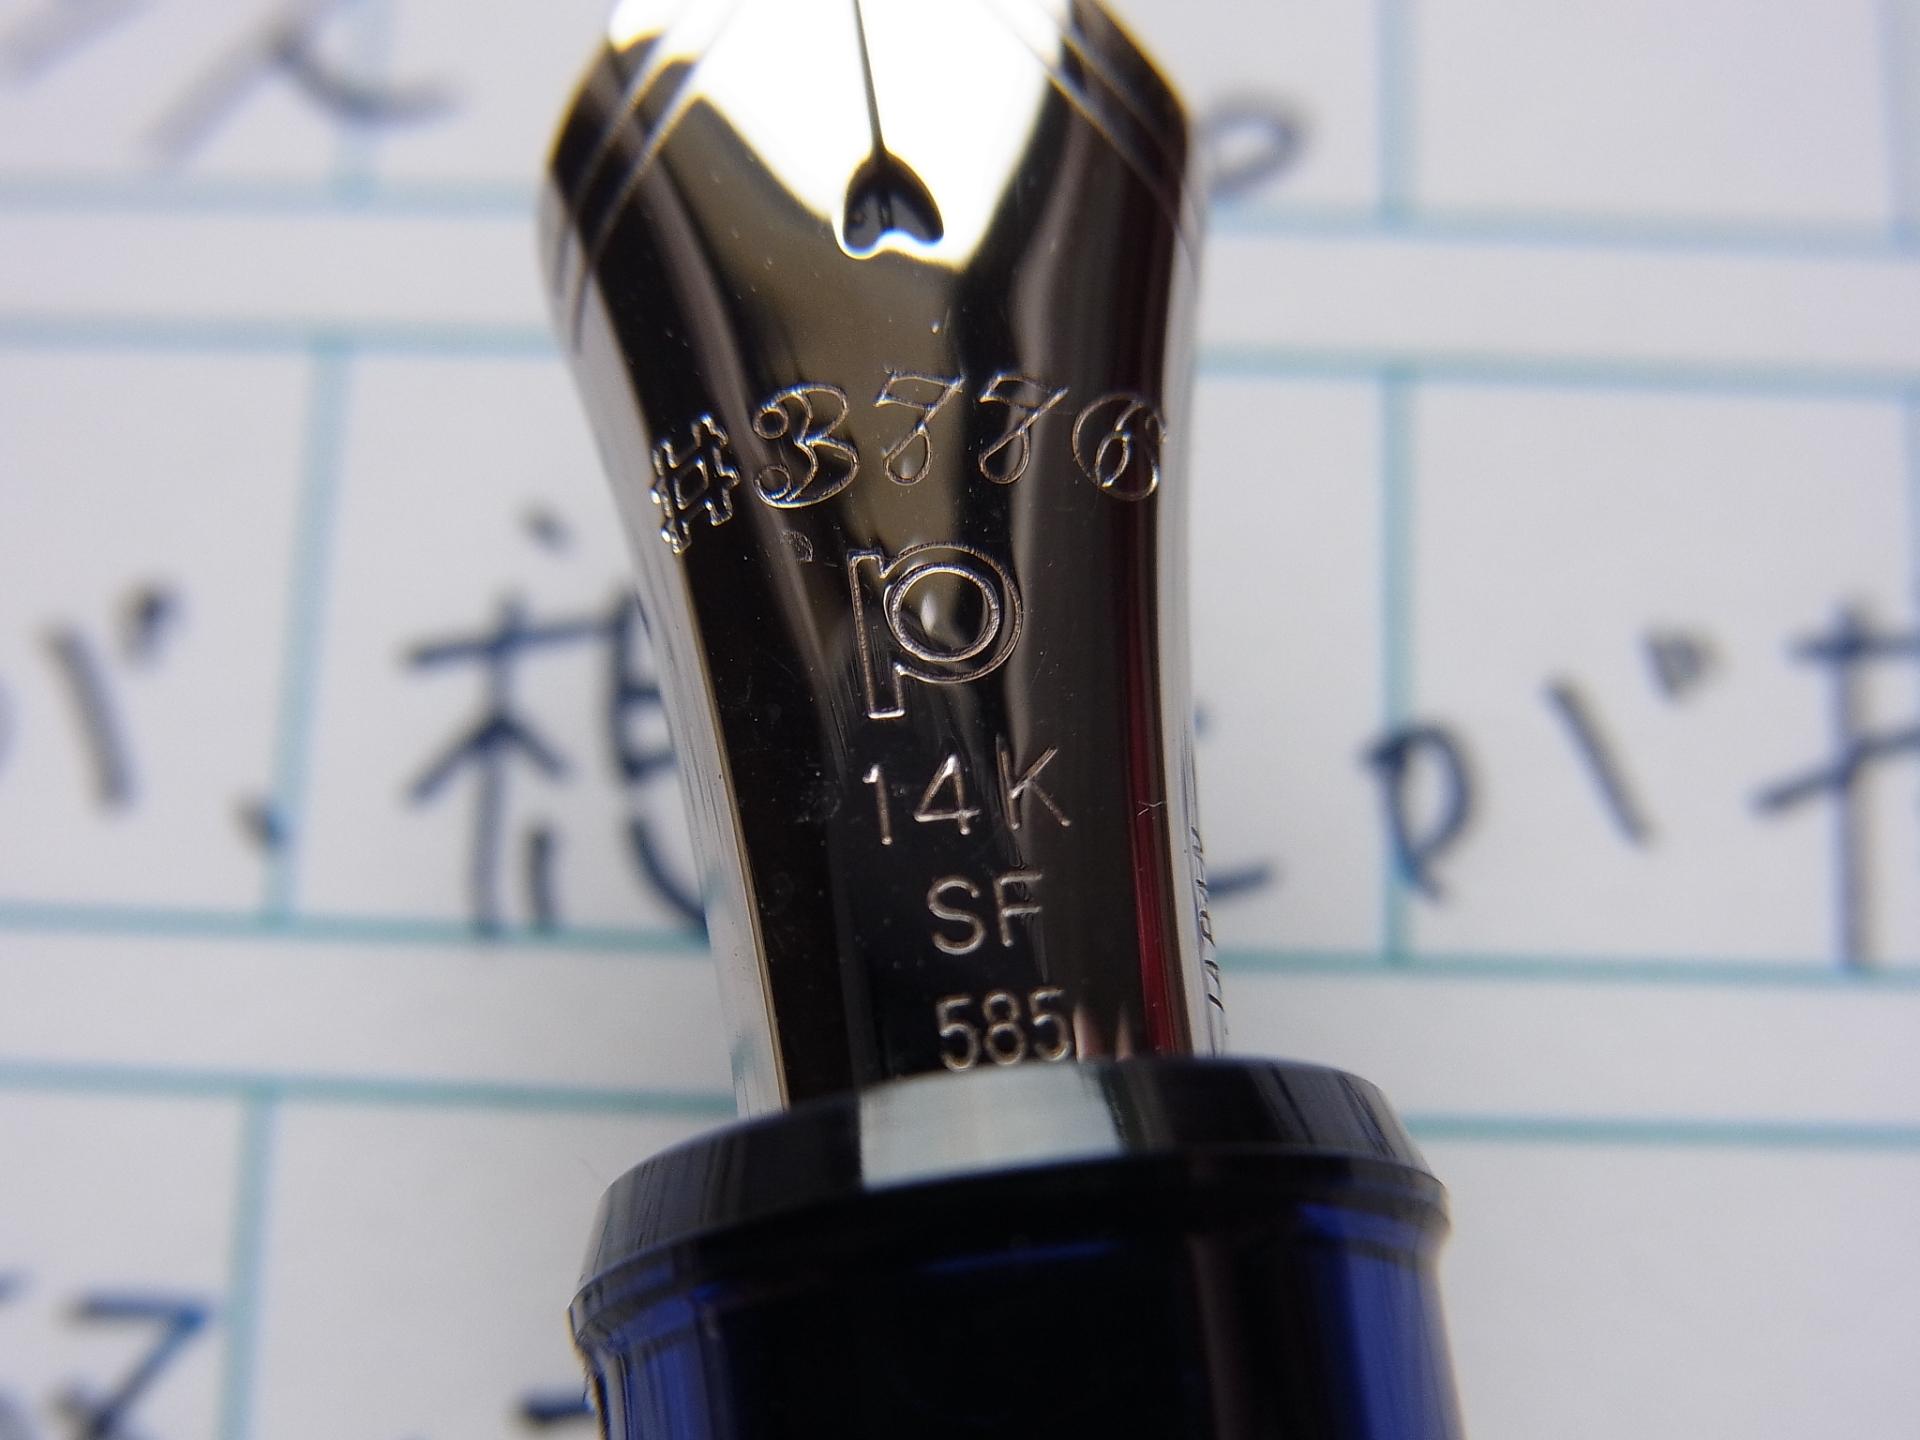 プラチナ #3776 センチュリー シャルトルブルー ロジウム 細軟 ペン先